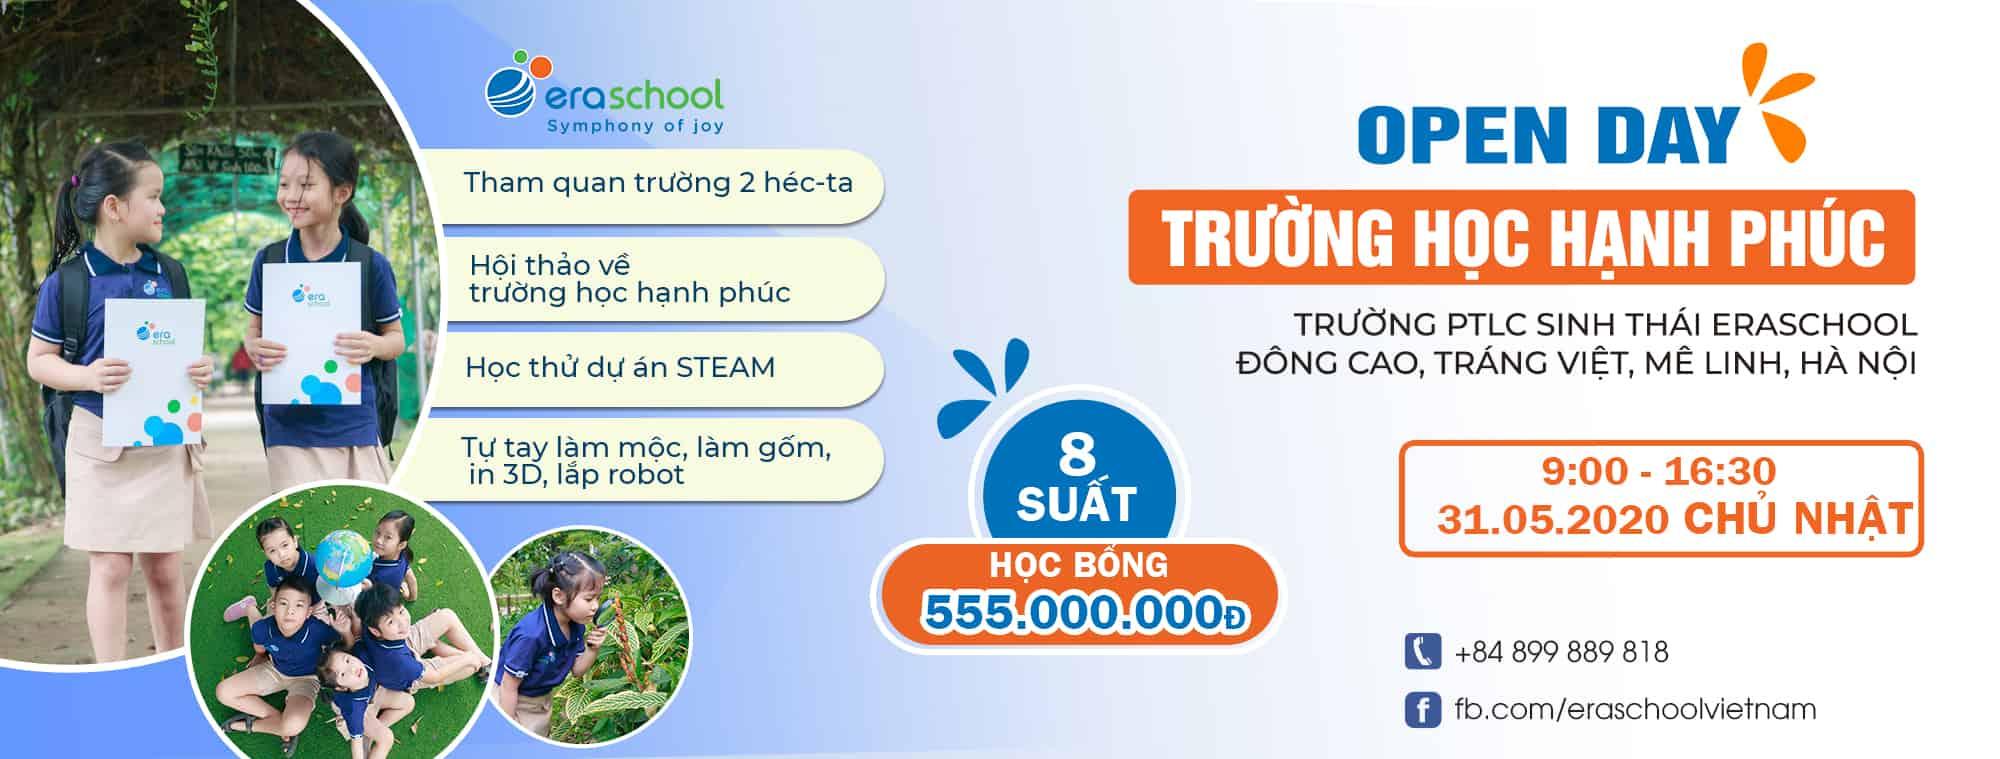 Banner Website Trường Học Hạnh Phúc